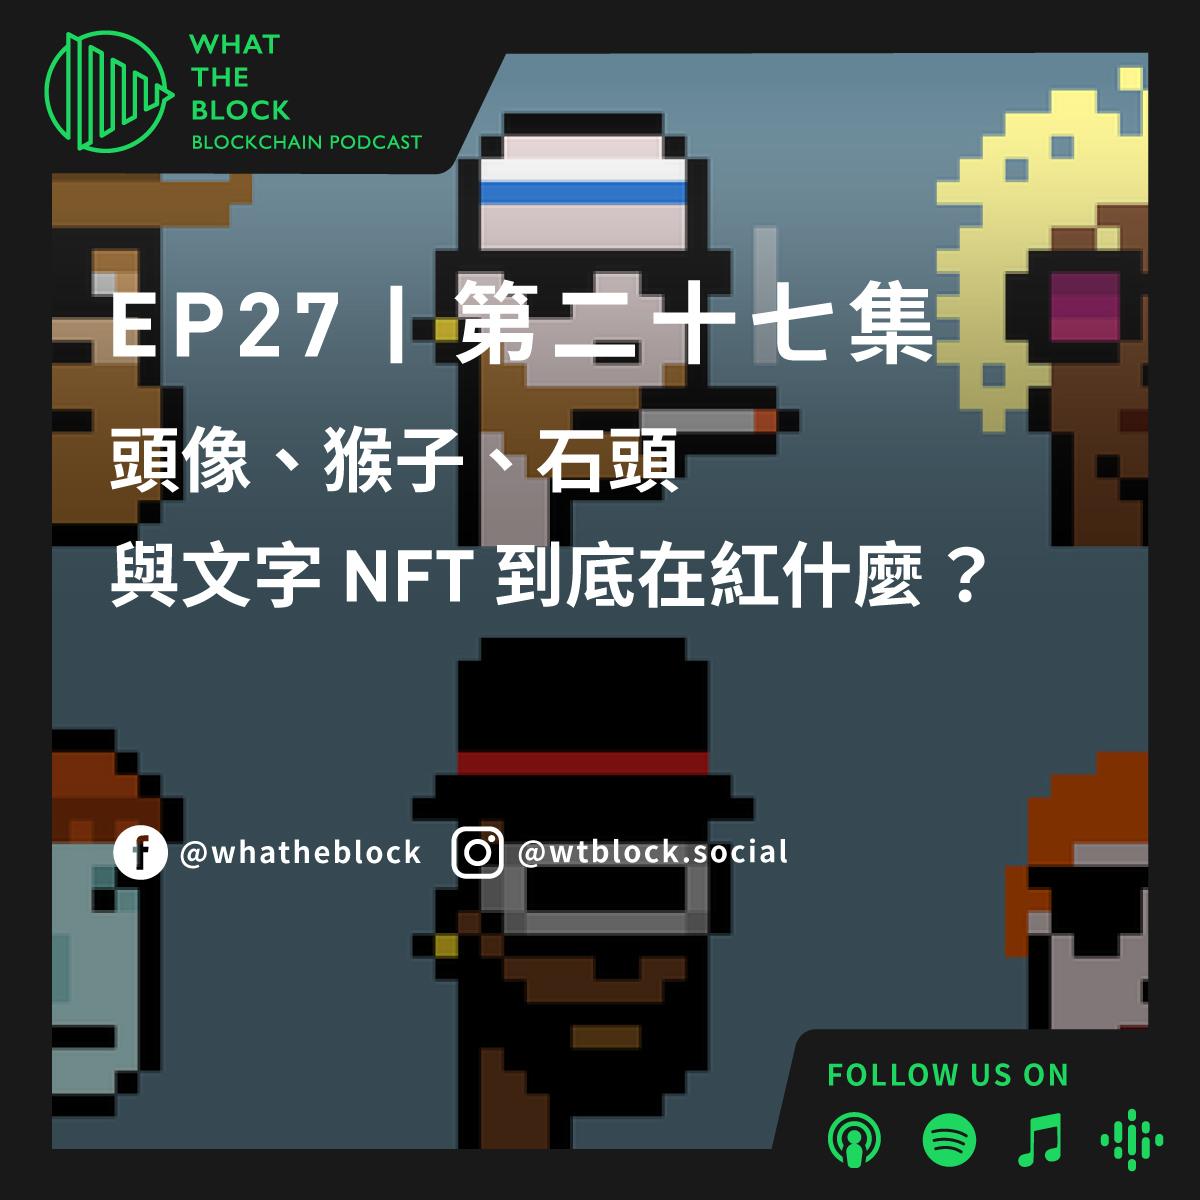 EP27 頭像、猴子、石頭與文字 NFT 到底在紅什麼?